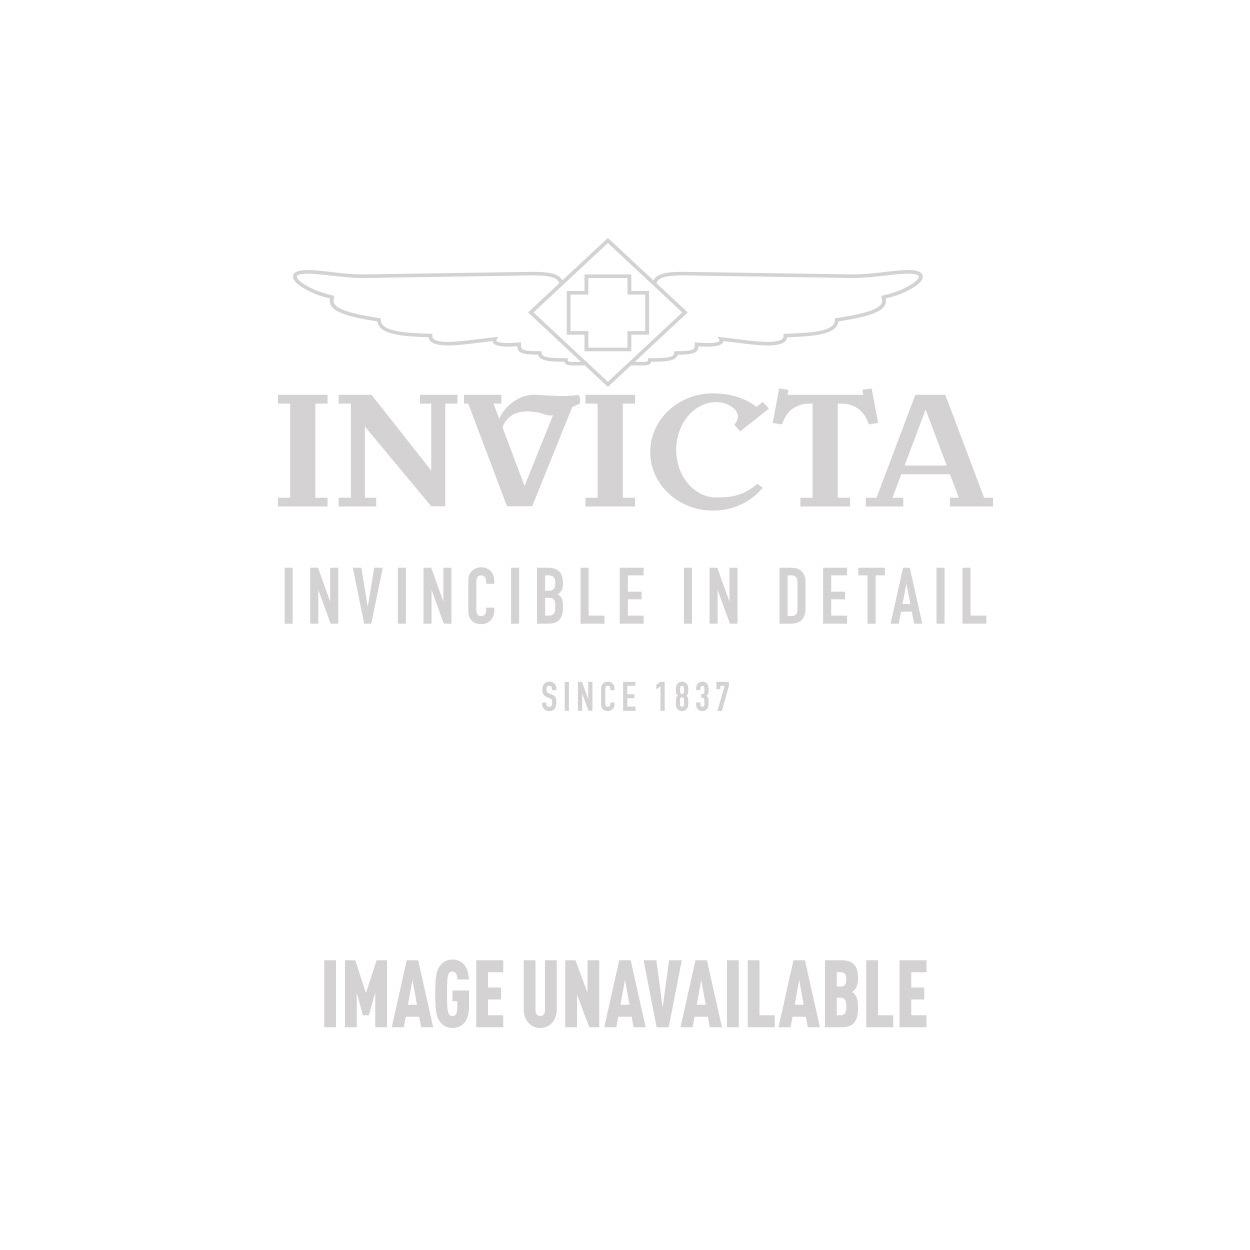 Invicta Model  25840